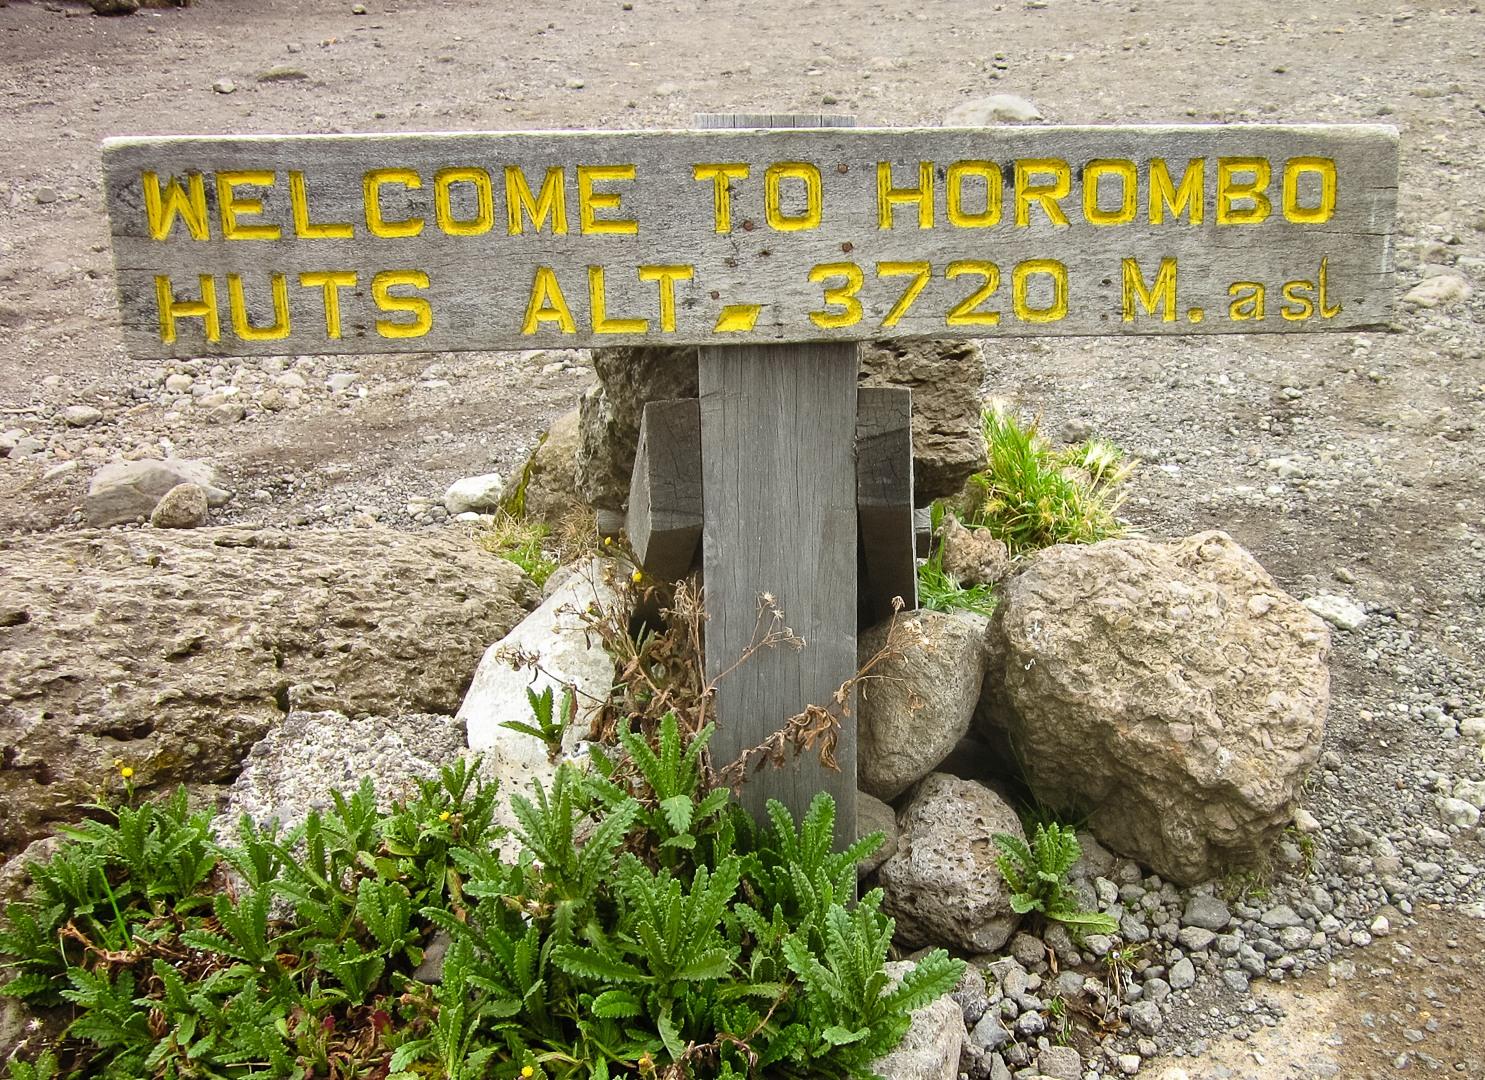 Хоромбо хатс, Килиманжаро